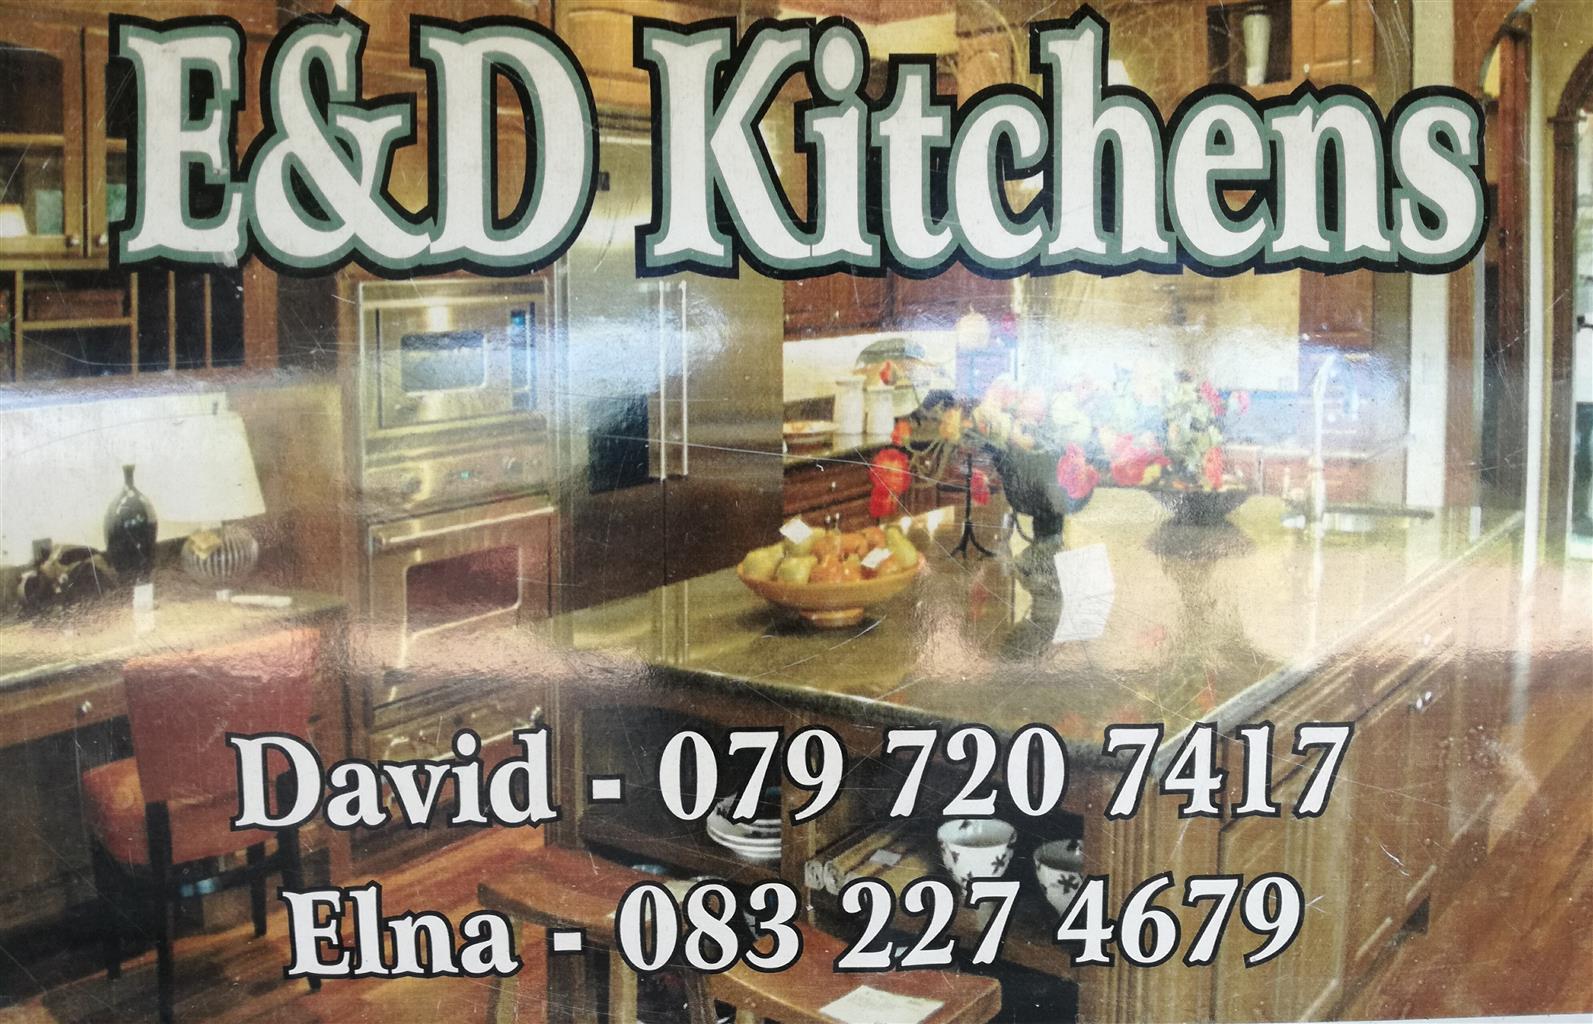 E & D Kitchens